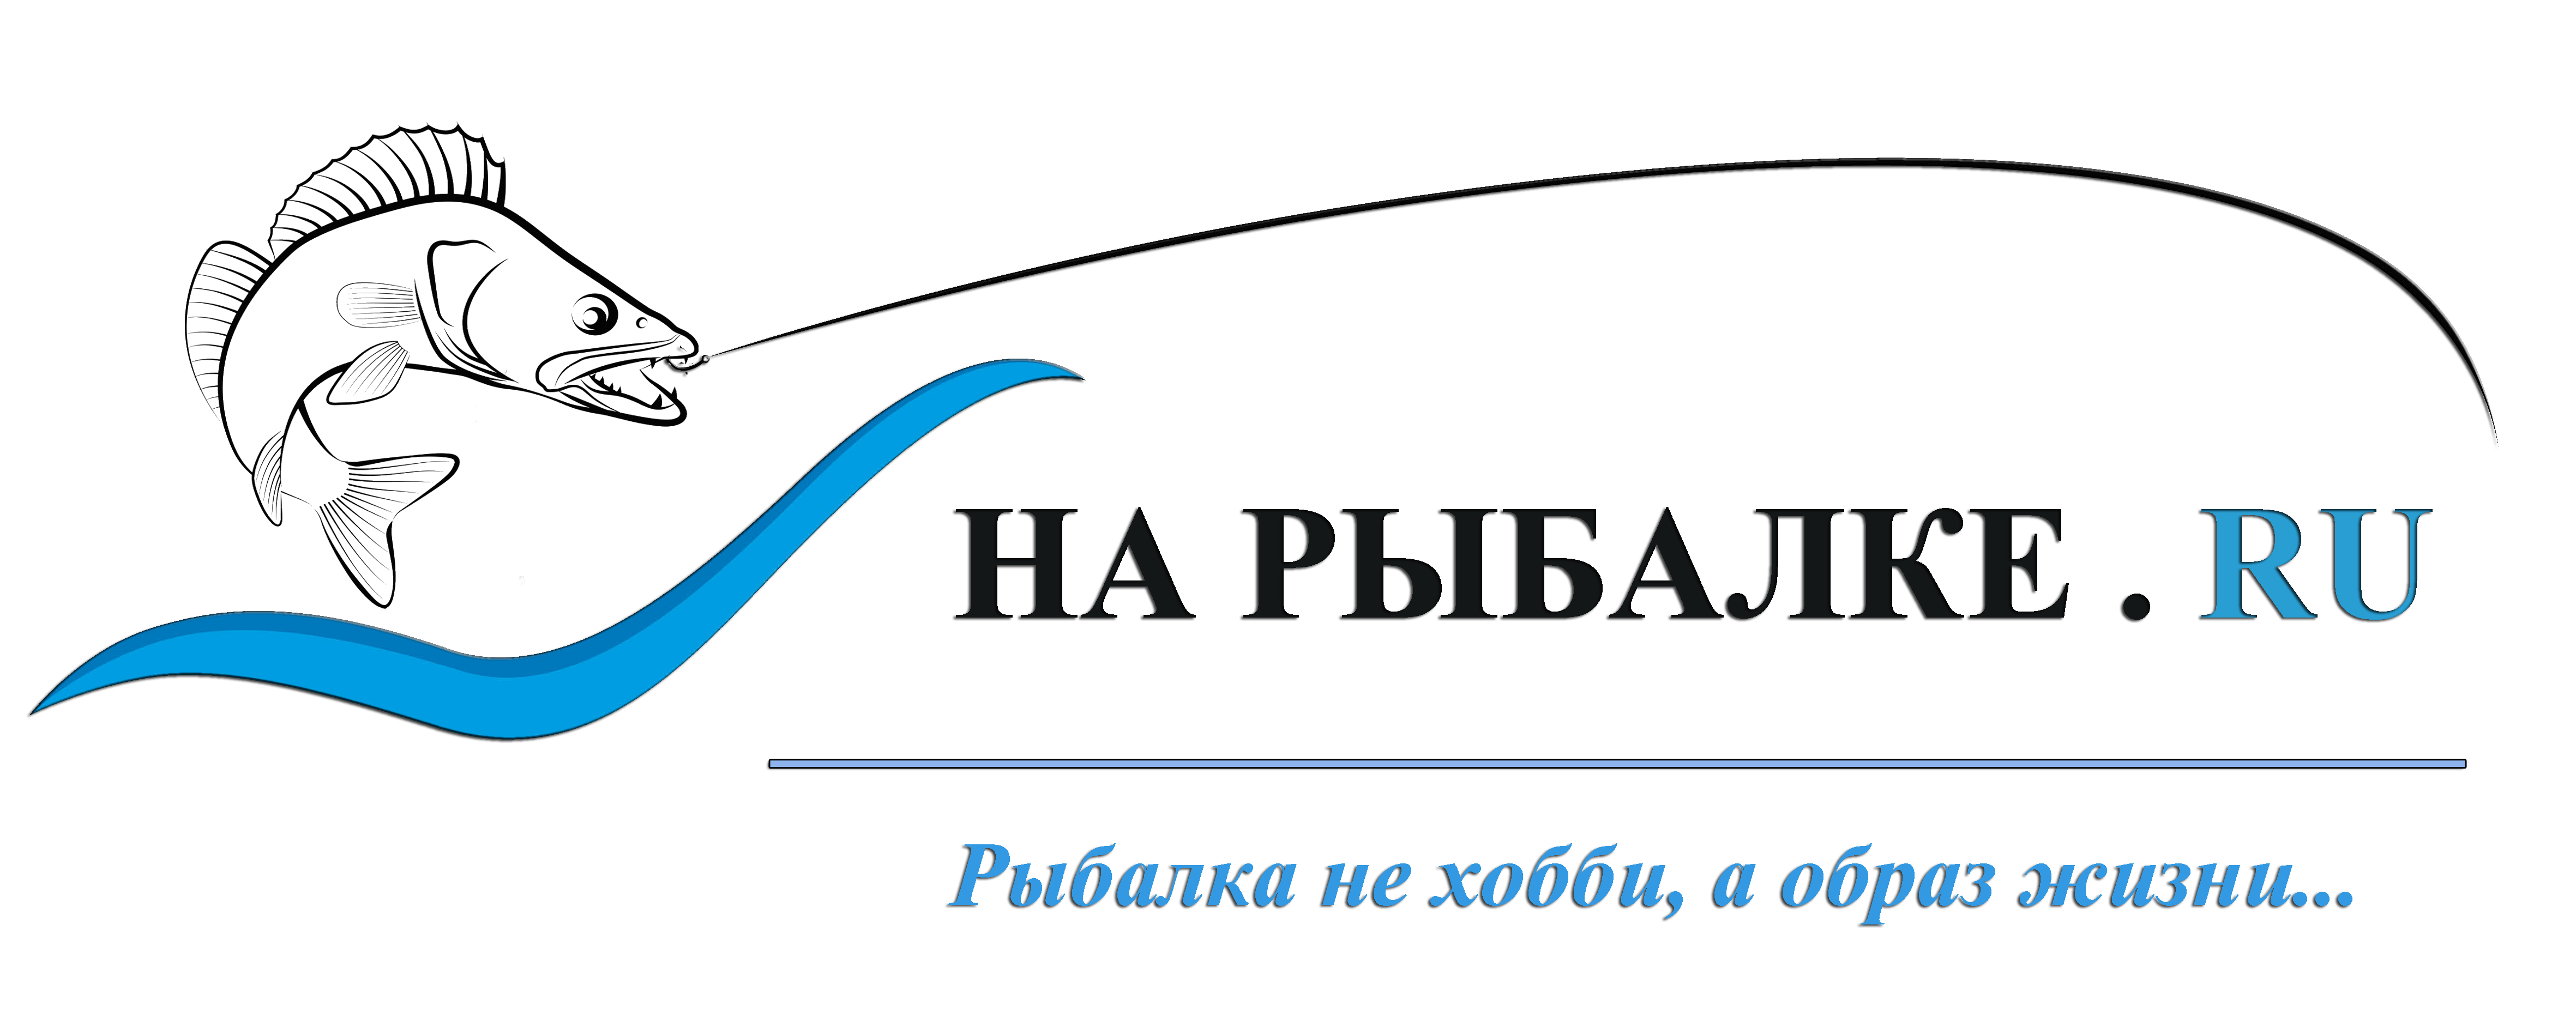 na-rybalke.ru